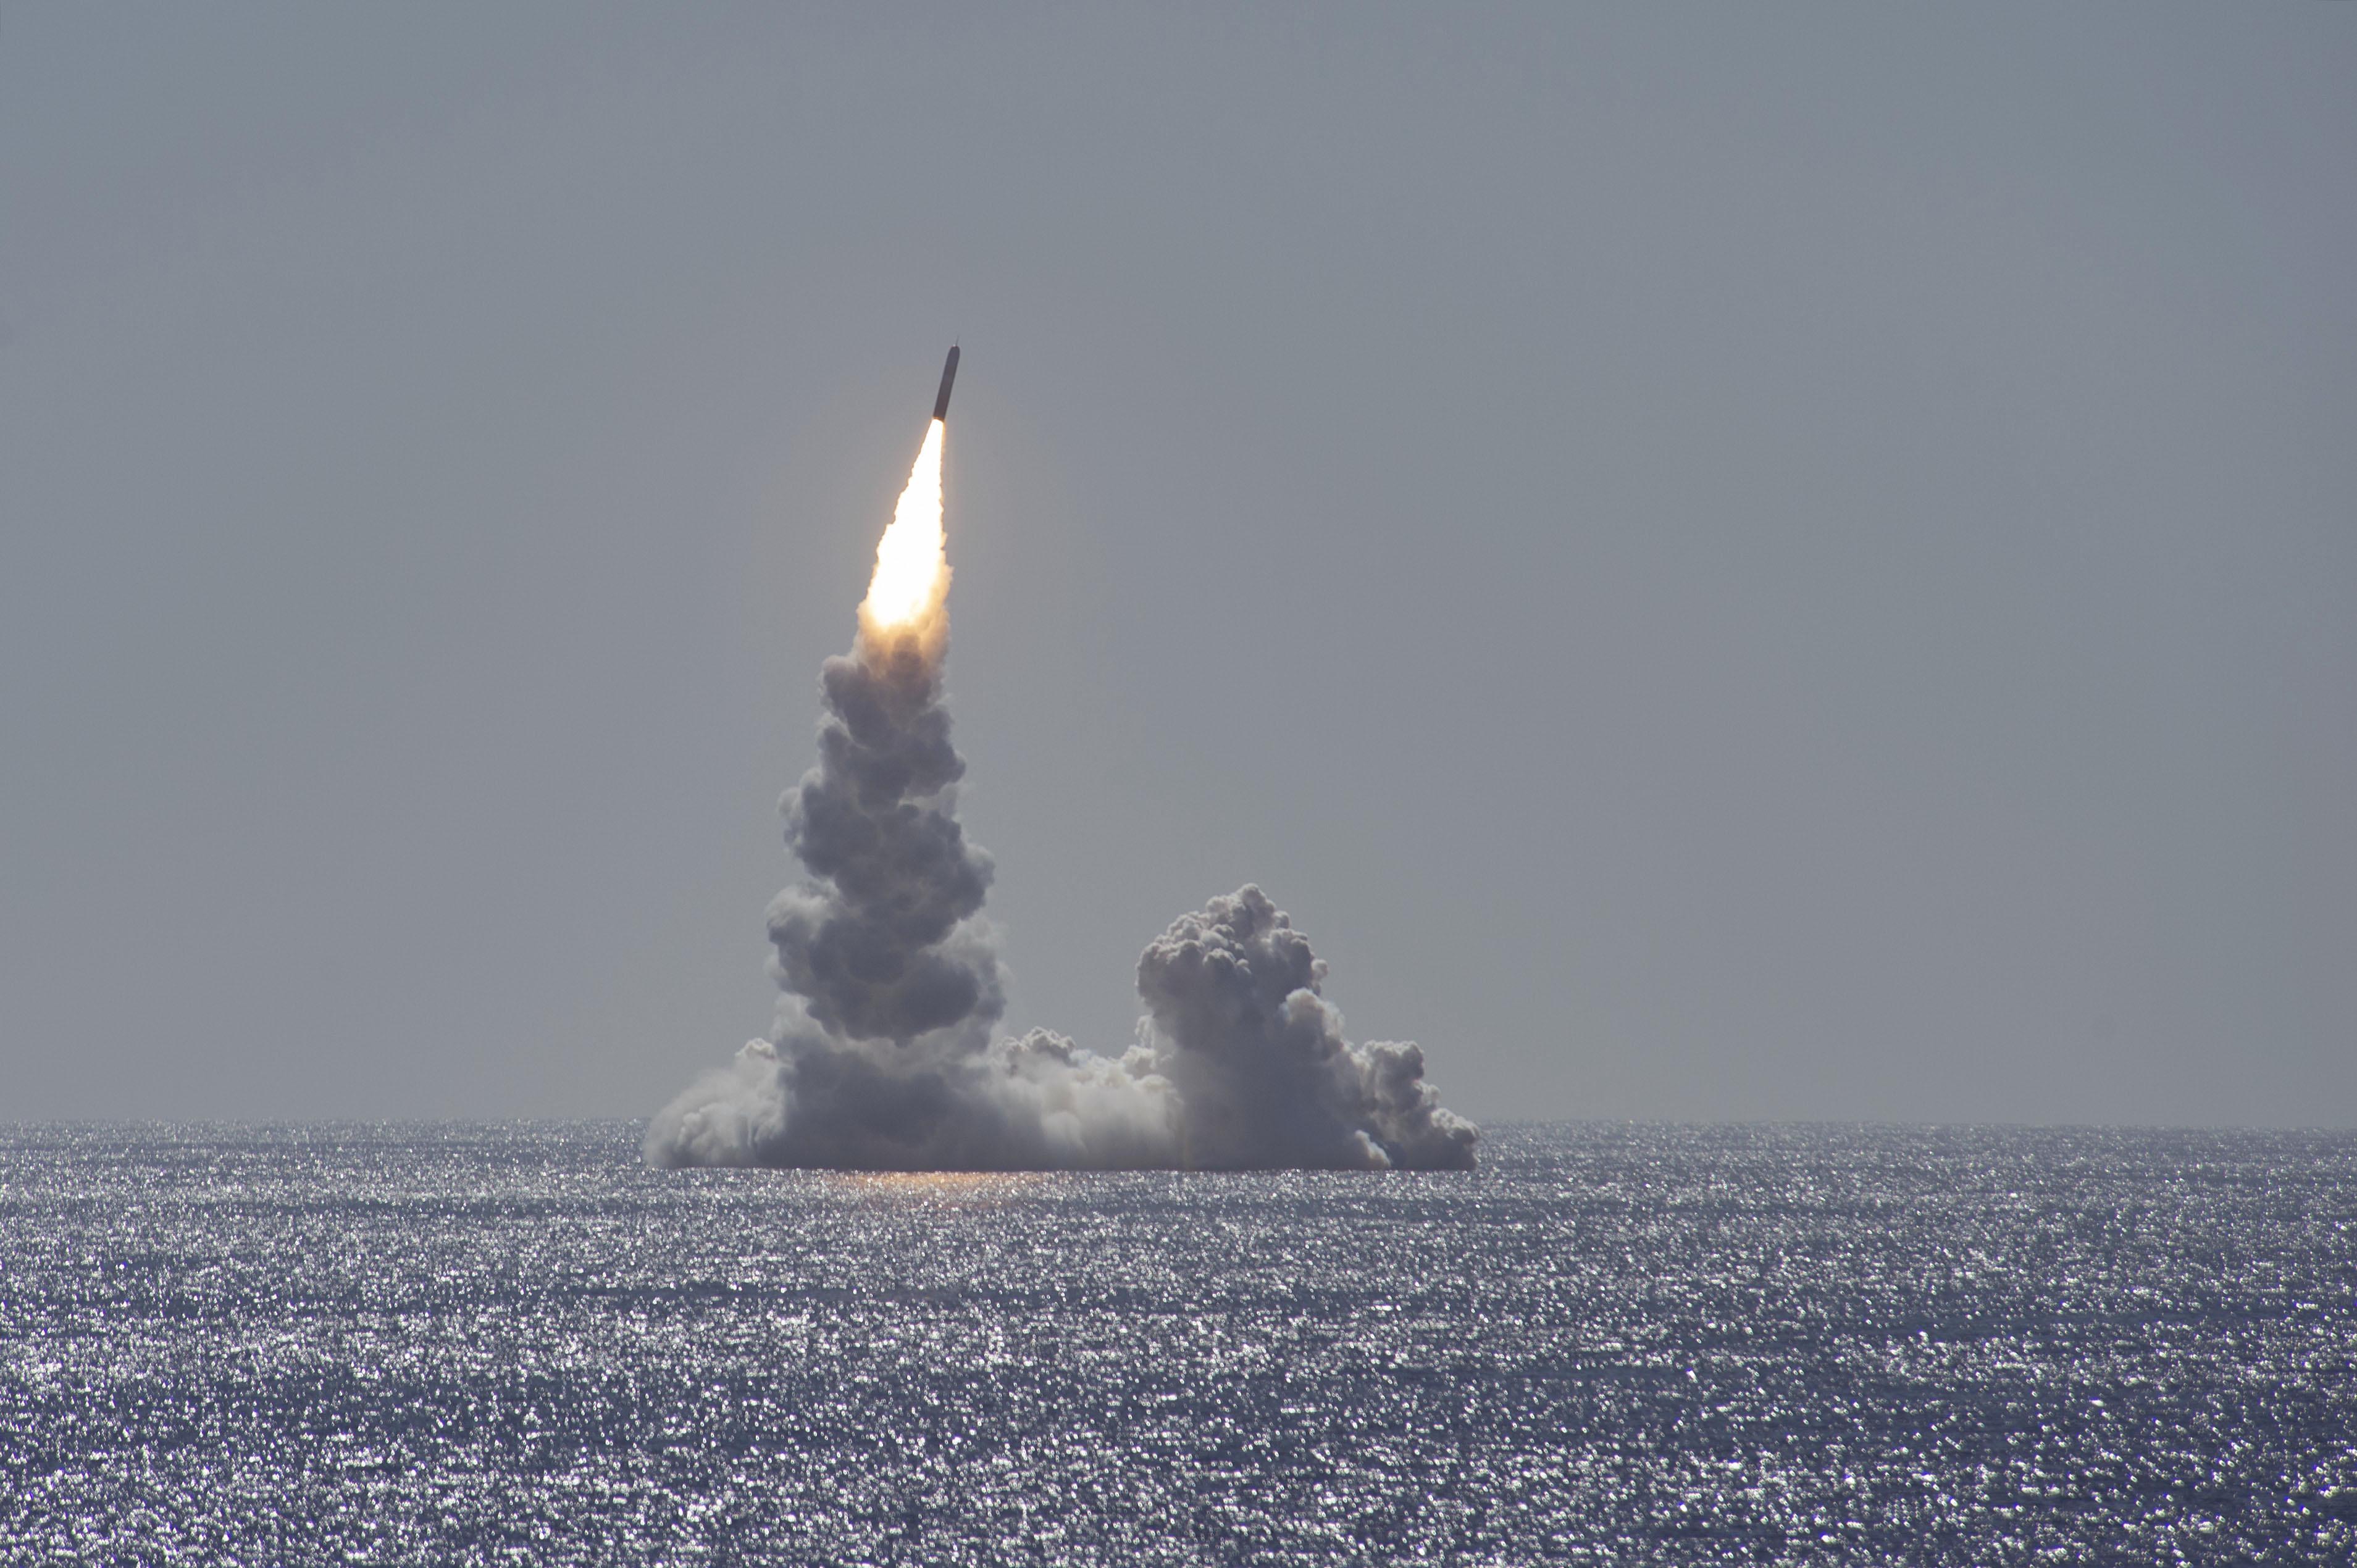 美国今年首次试射三叉戟II潜射弹道导弹现场画面曝光